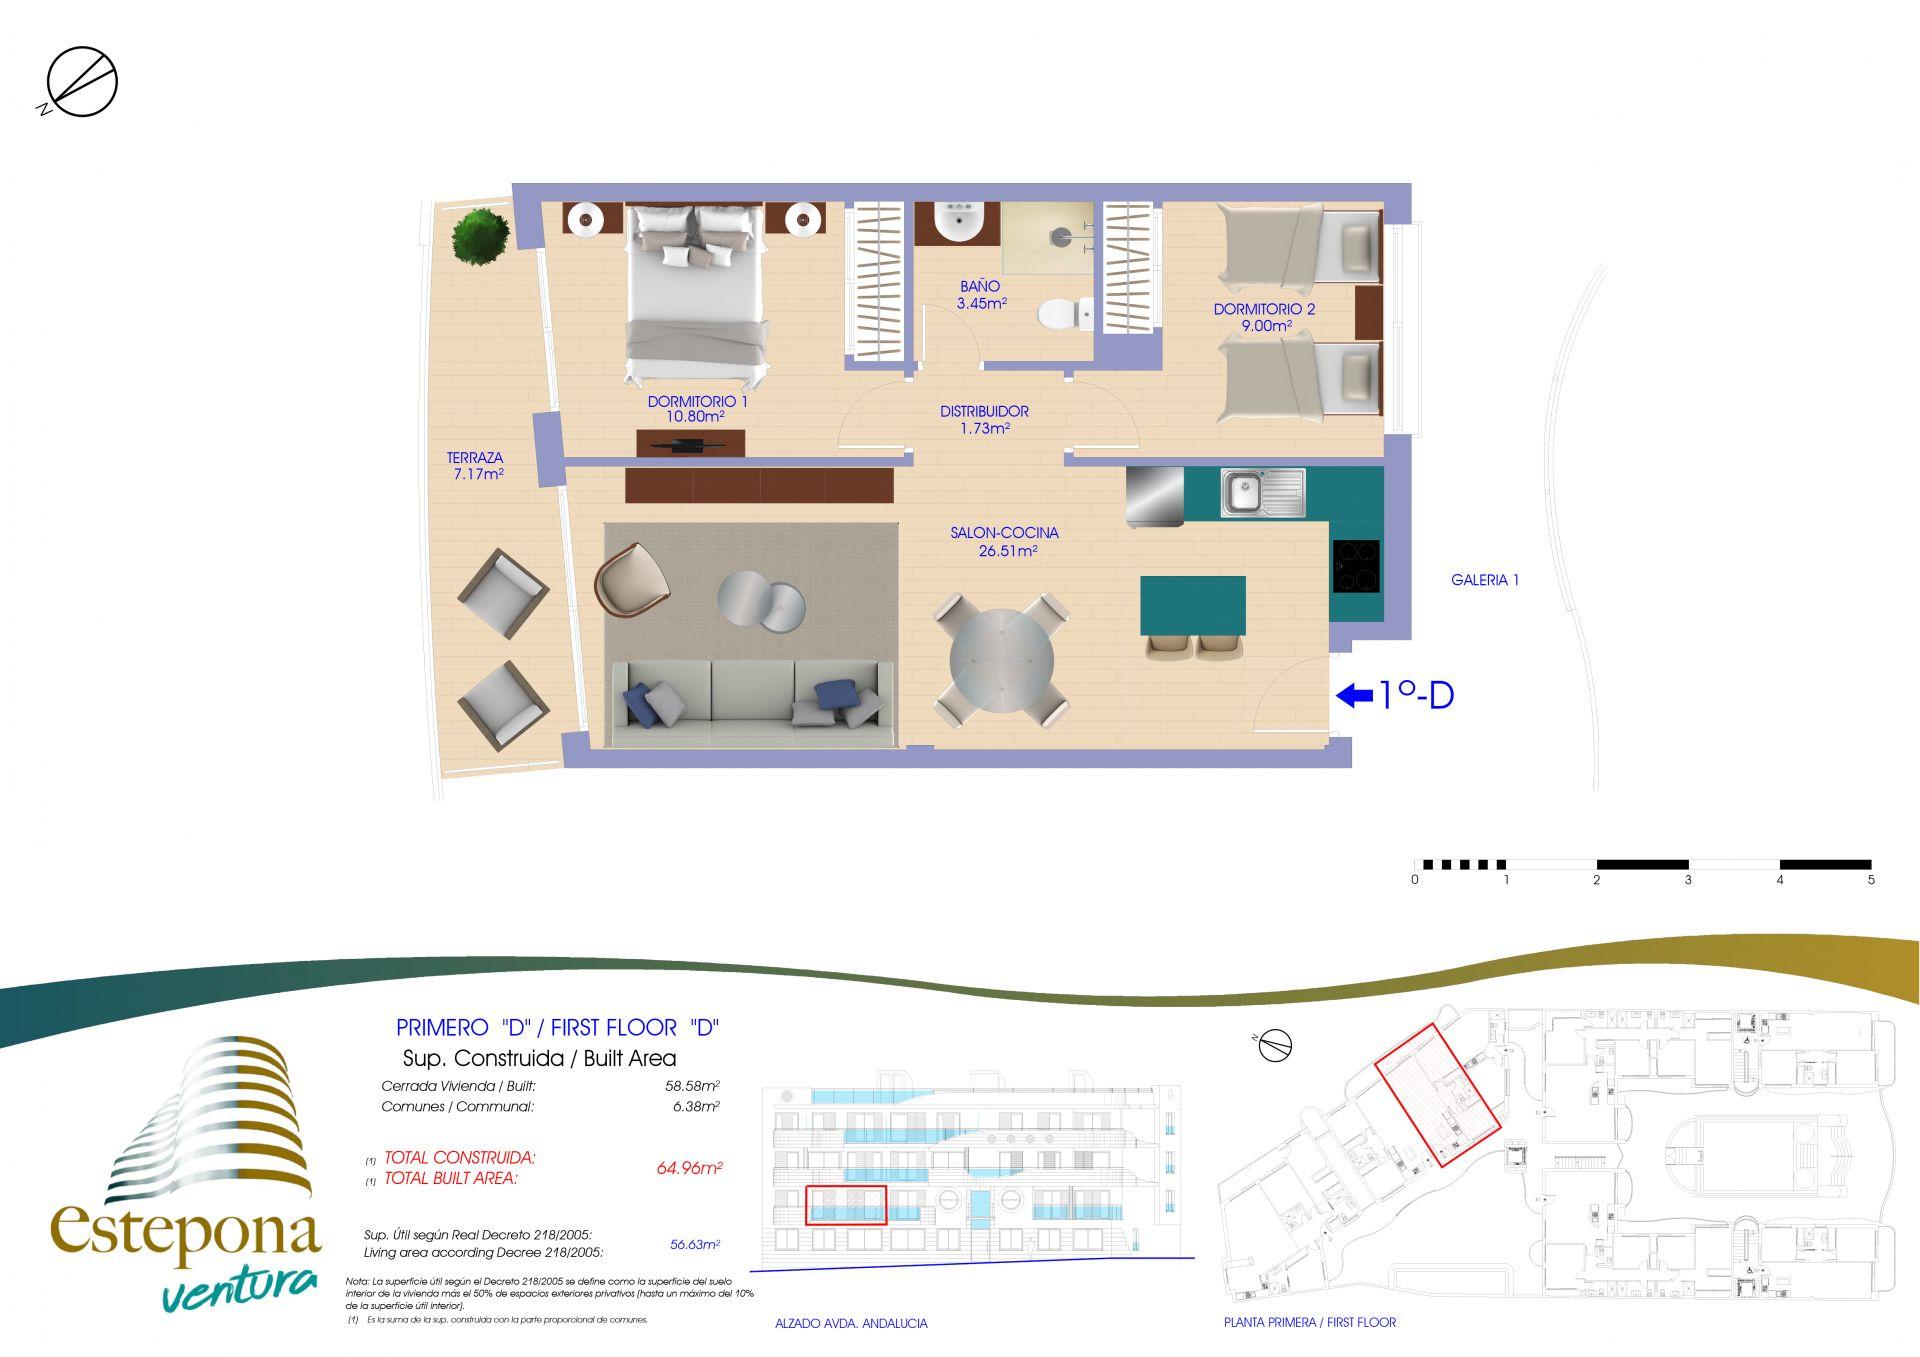 20201221 1º D  - Ventura Estepona | Compra de casa en Estepona